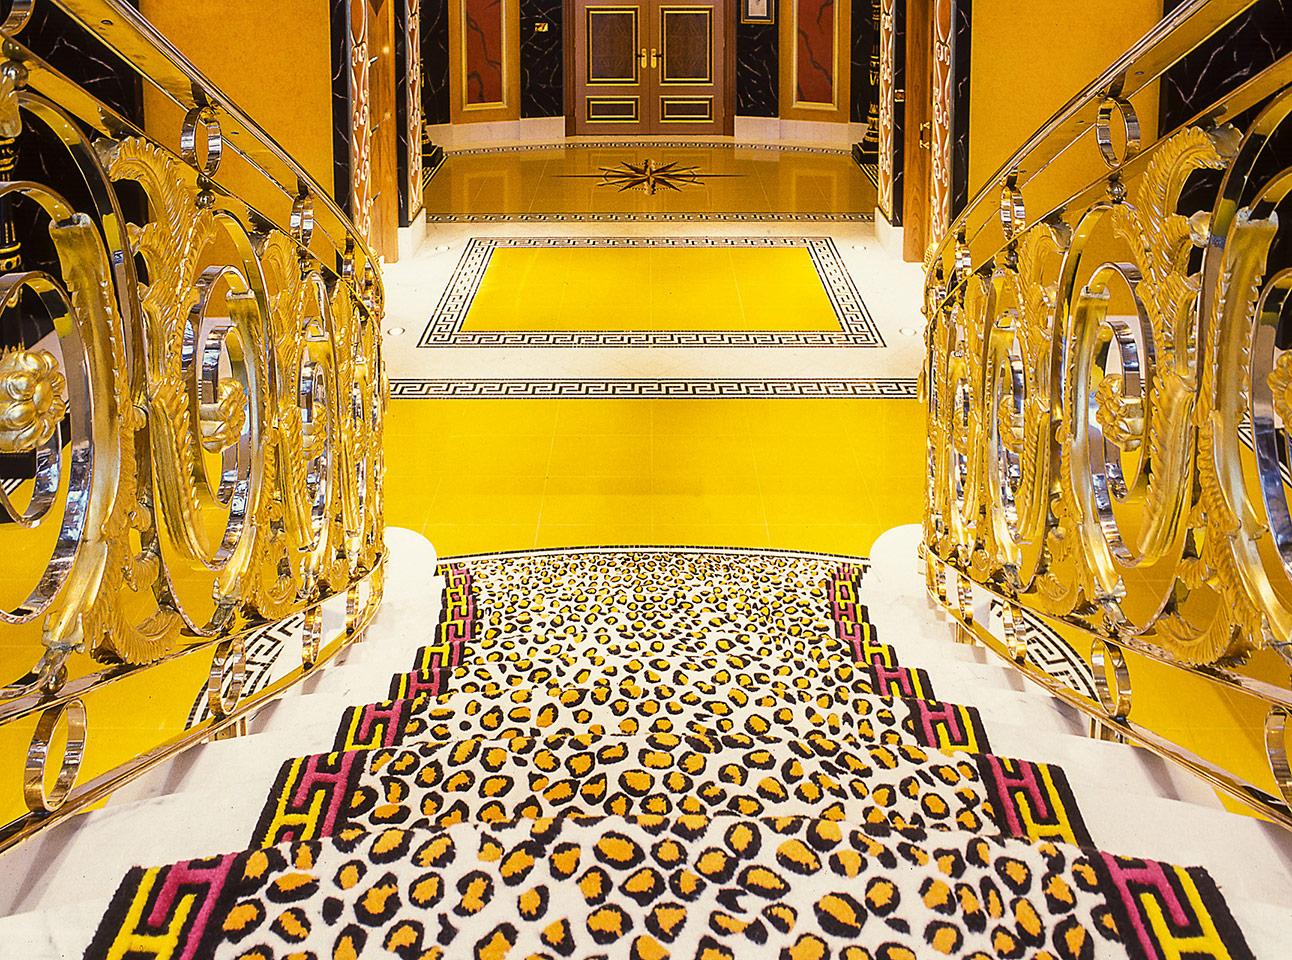 Burj Al Arab | Architecture & Interior Photography